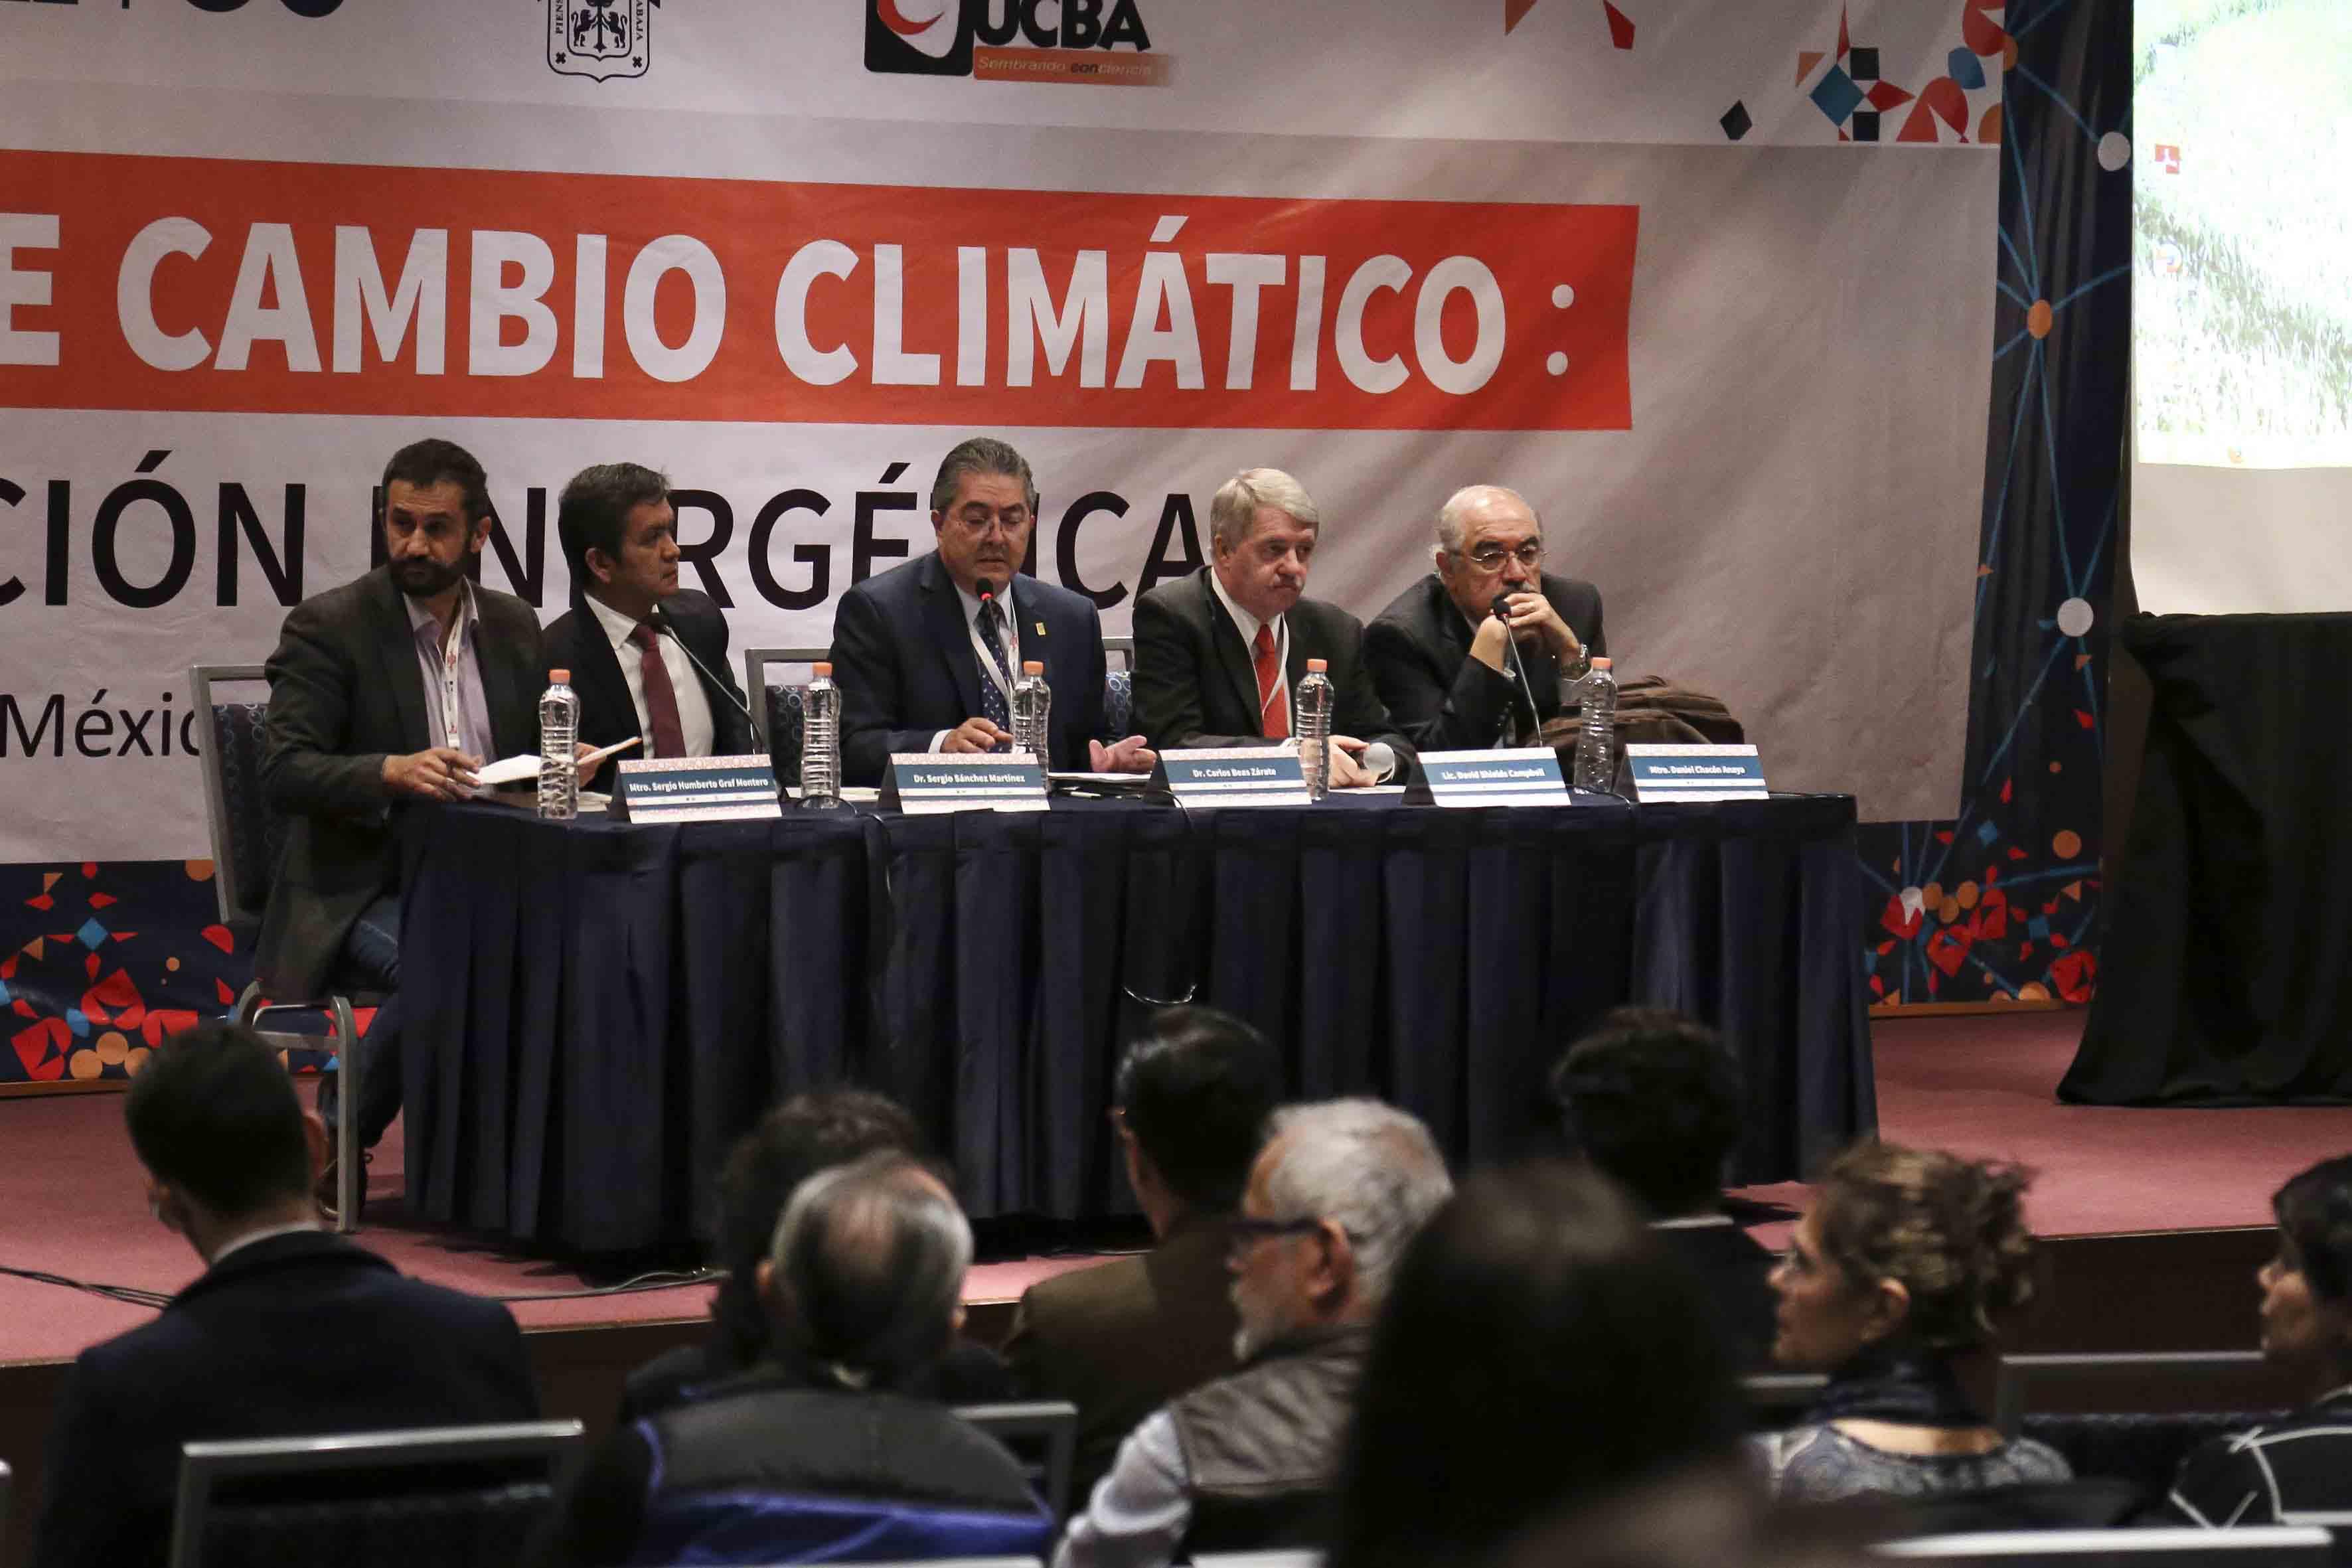 Miembros panelistas participantes en el Foro sobre cambio climático, transición y energía fotovoltáica, durante la FIL.